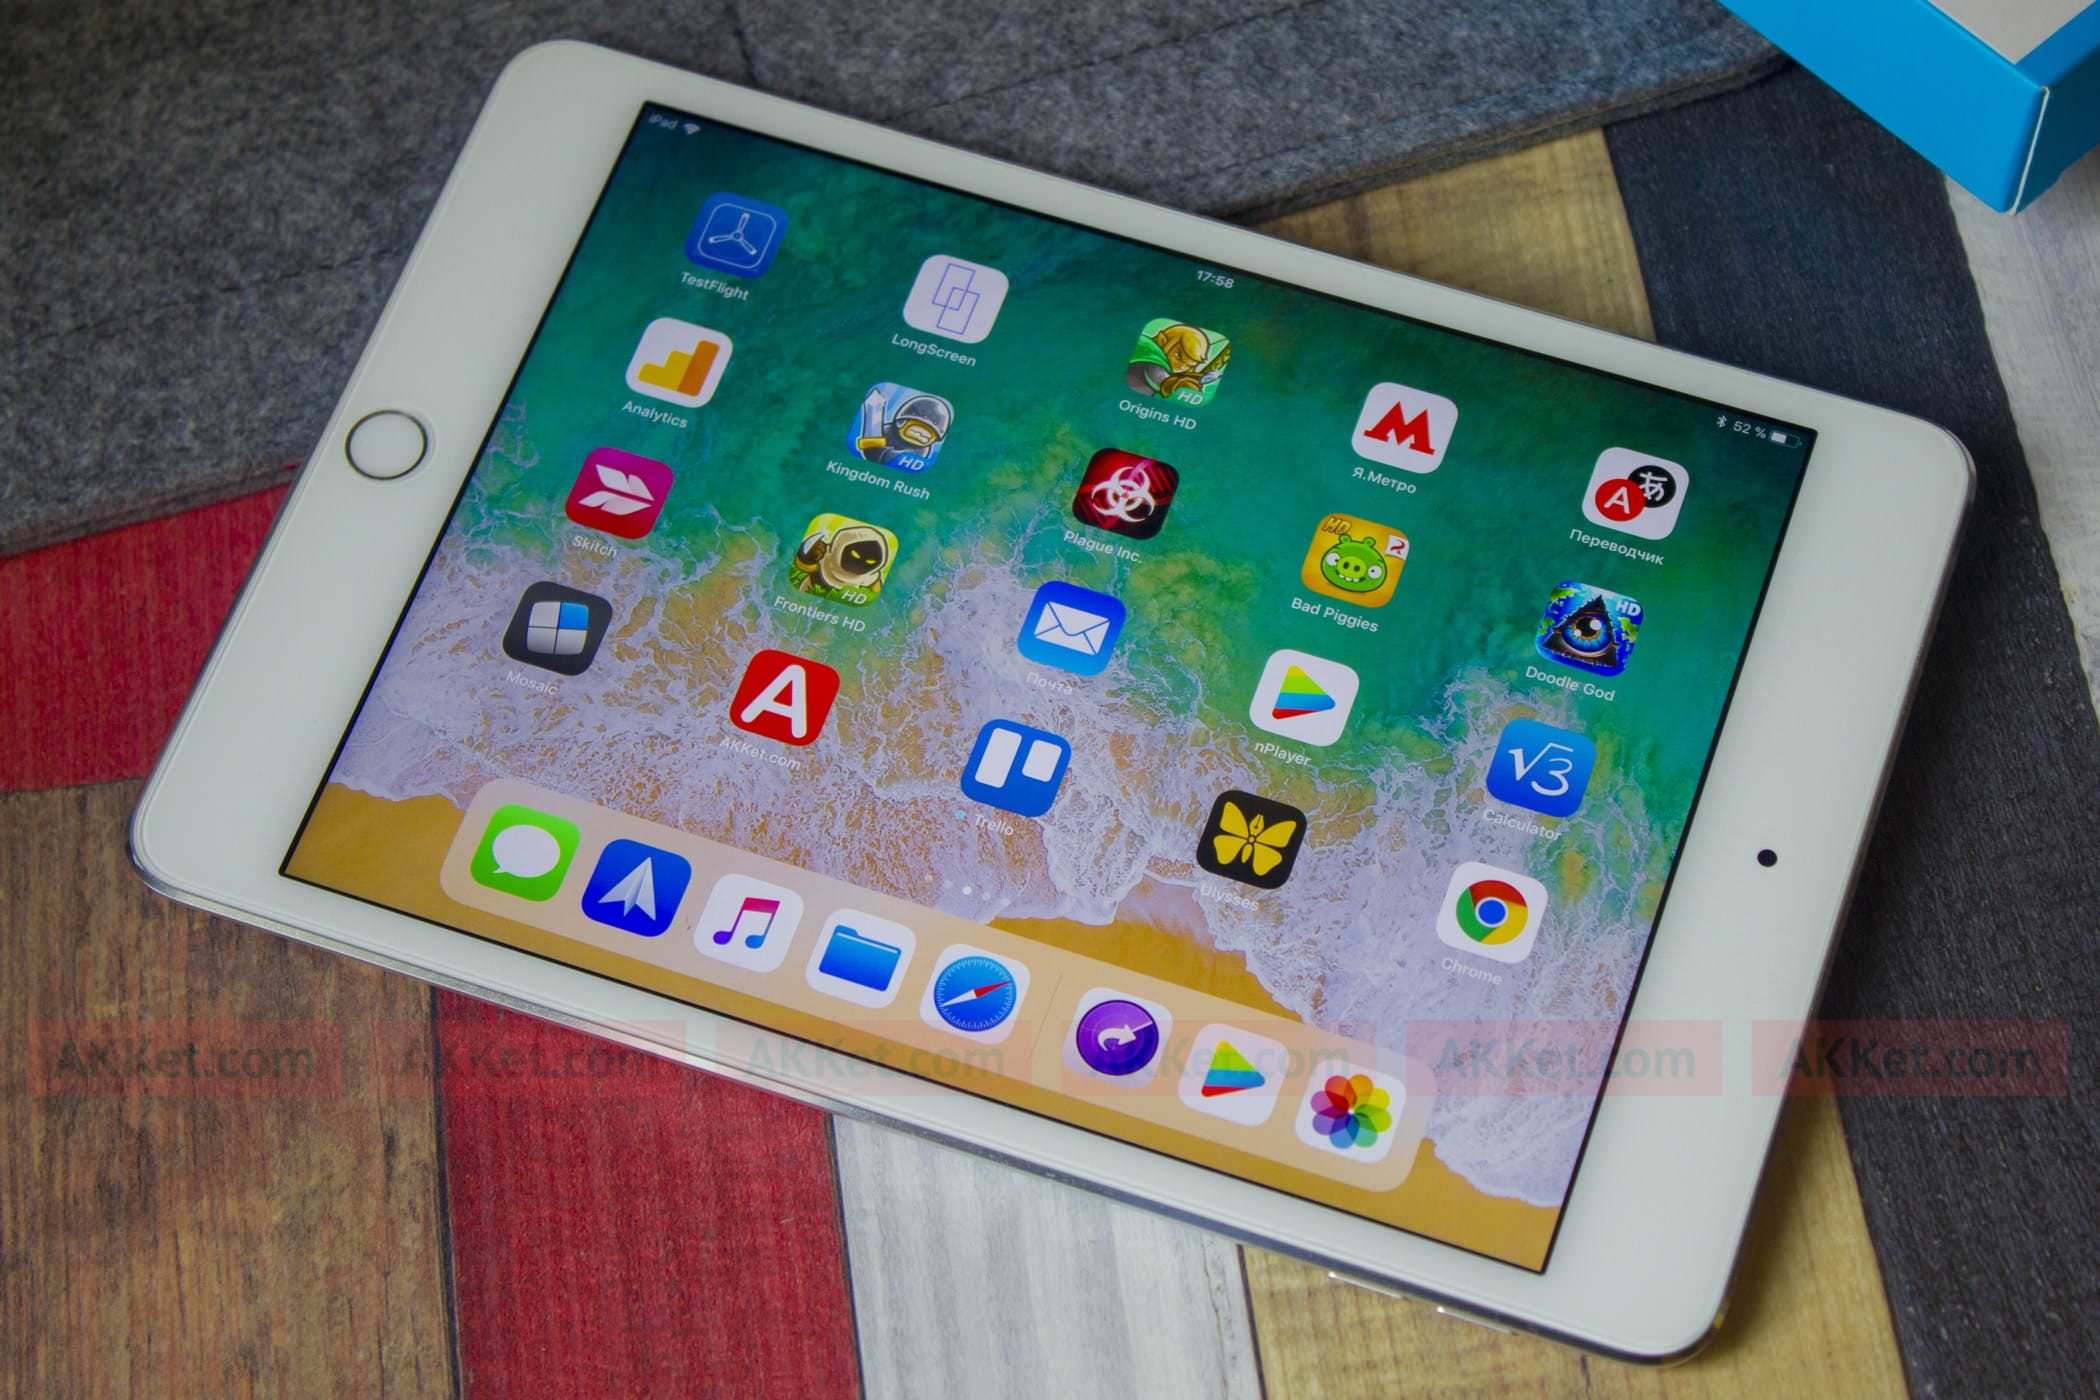 Профессионалы устранили проблемы iOS 11 наiPhone 5s иiPhoneSE